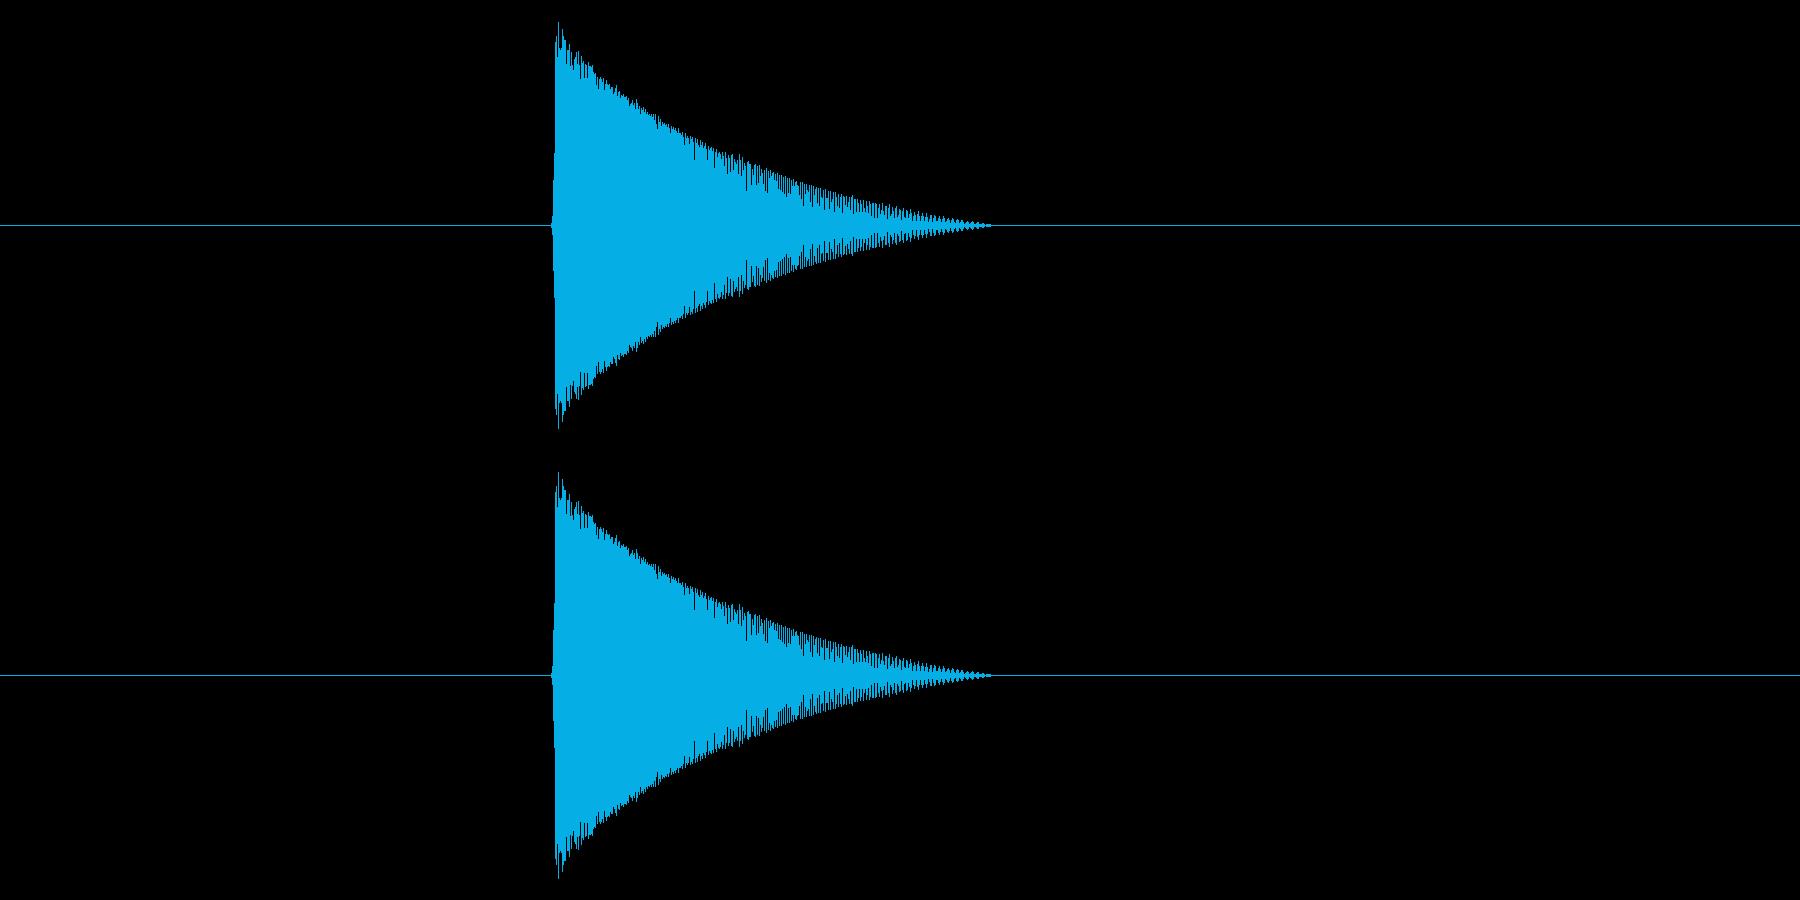 ファミコン風_ピュン_弾を打つ音5の再生済みの波形